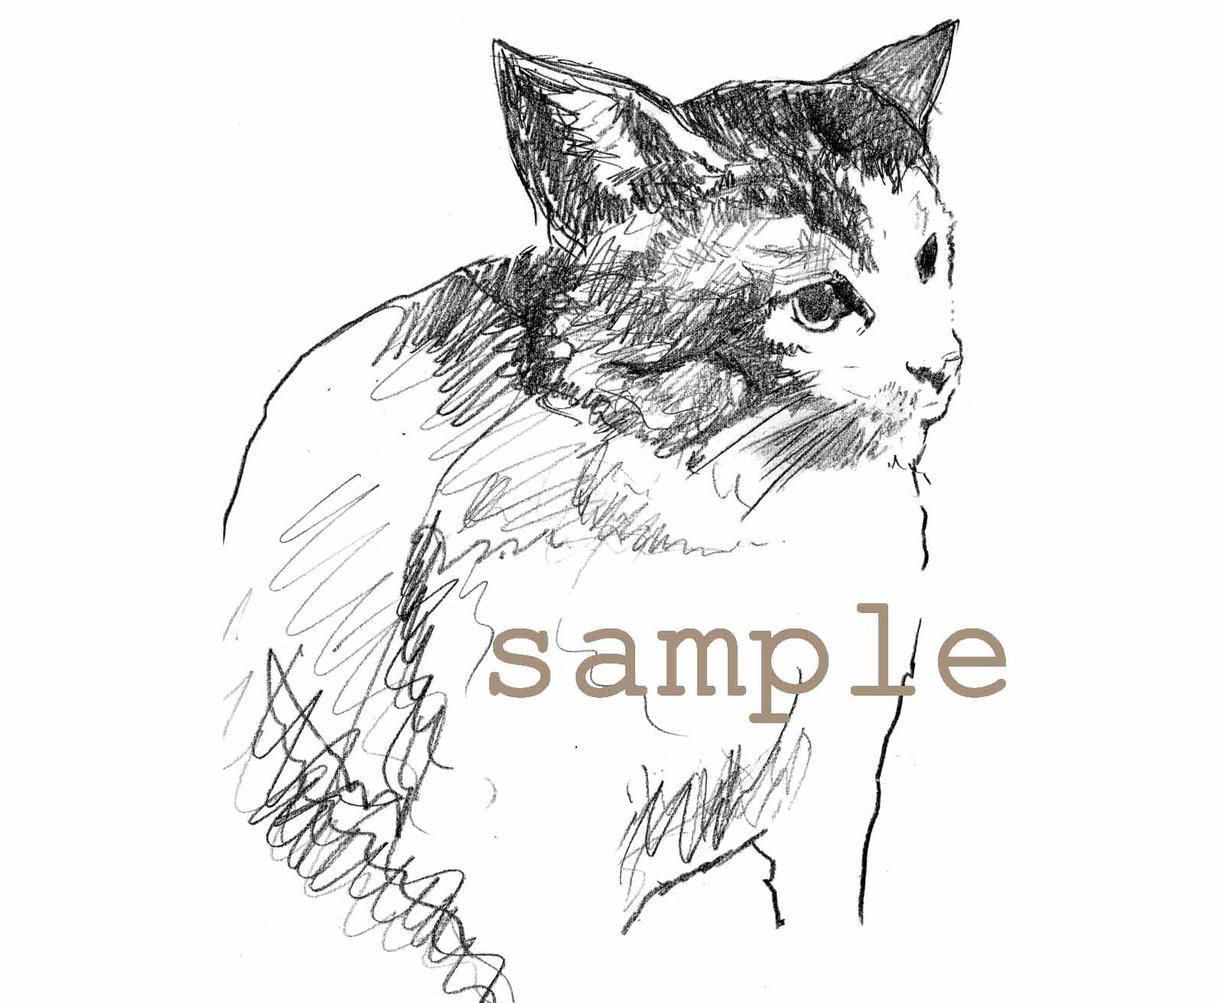 ちょっとオシャレに。ペットちゃんのイラストをお描きします!